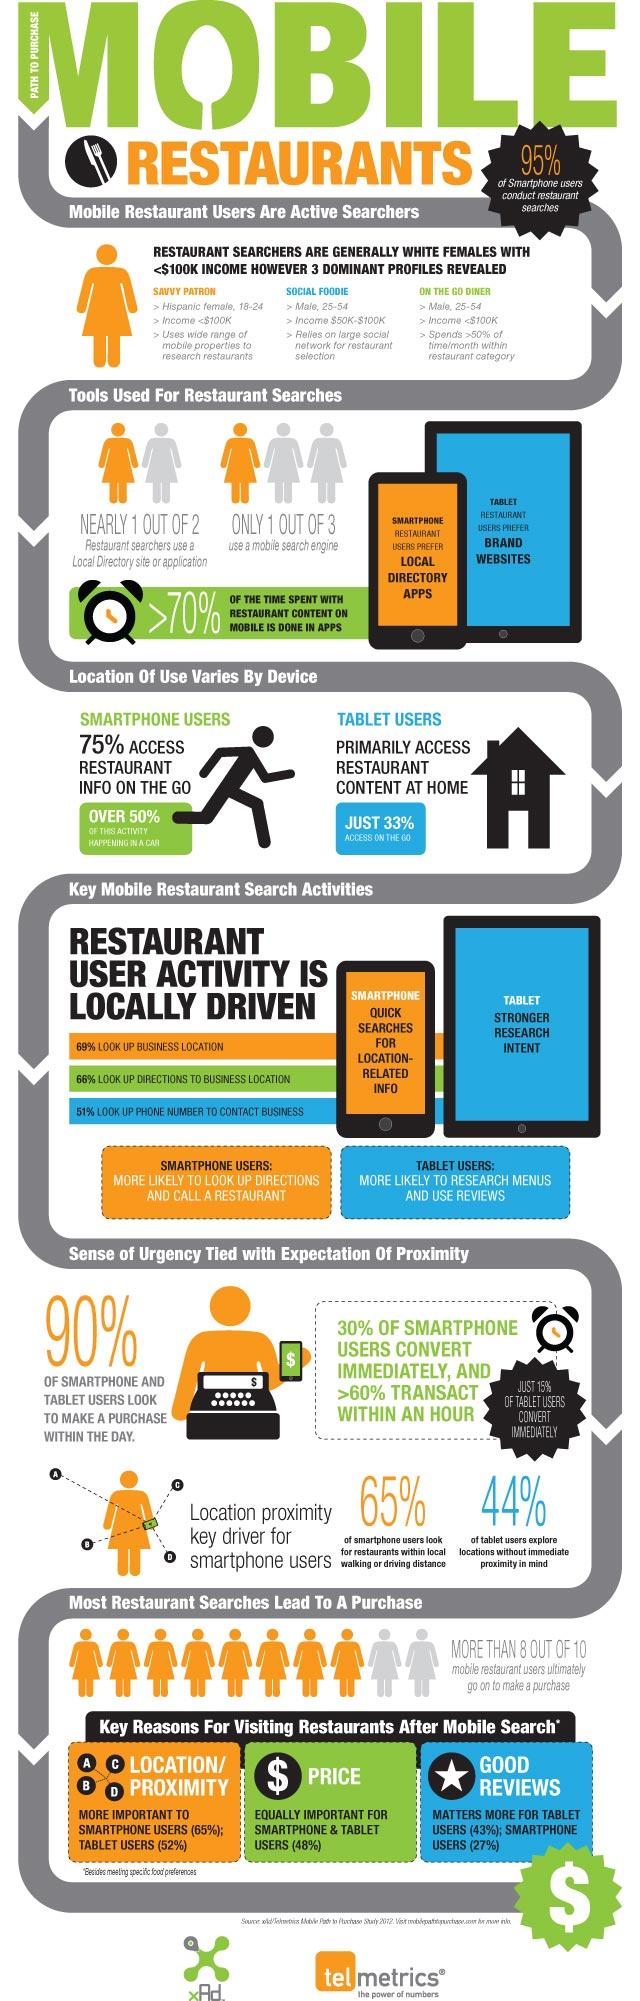 Mobile Restaurant Marketing